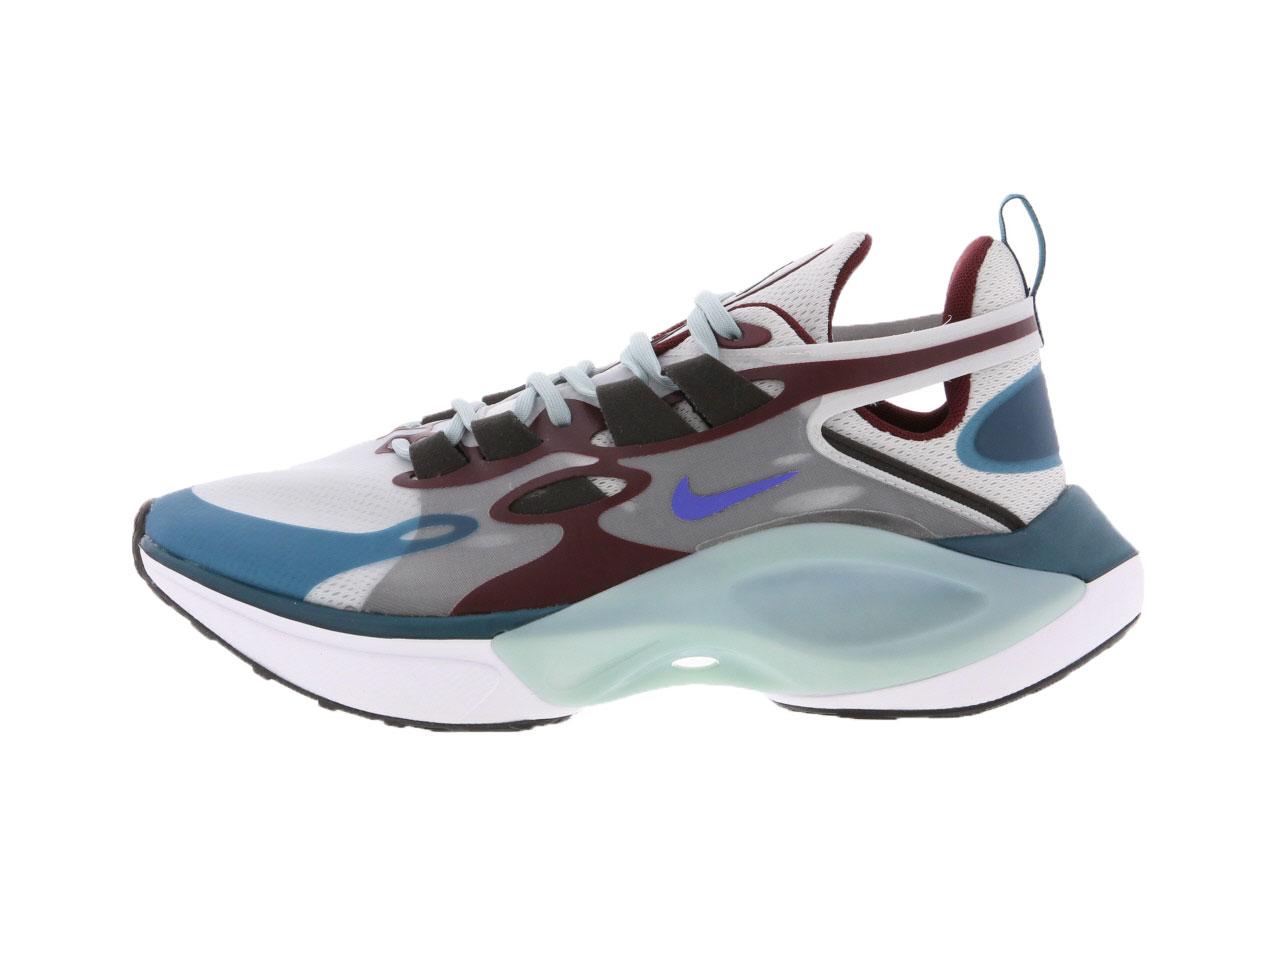 NIKE SIGNAL D/MS/X(AT5303-003)【ナイキ】【メンズファッション】【シューズ】【スニーカー】【靴】【フットウェア】【ストアレビュー記載でソックスプレゼント対象品】